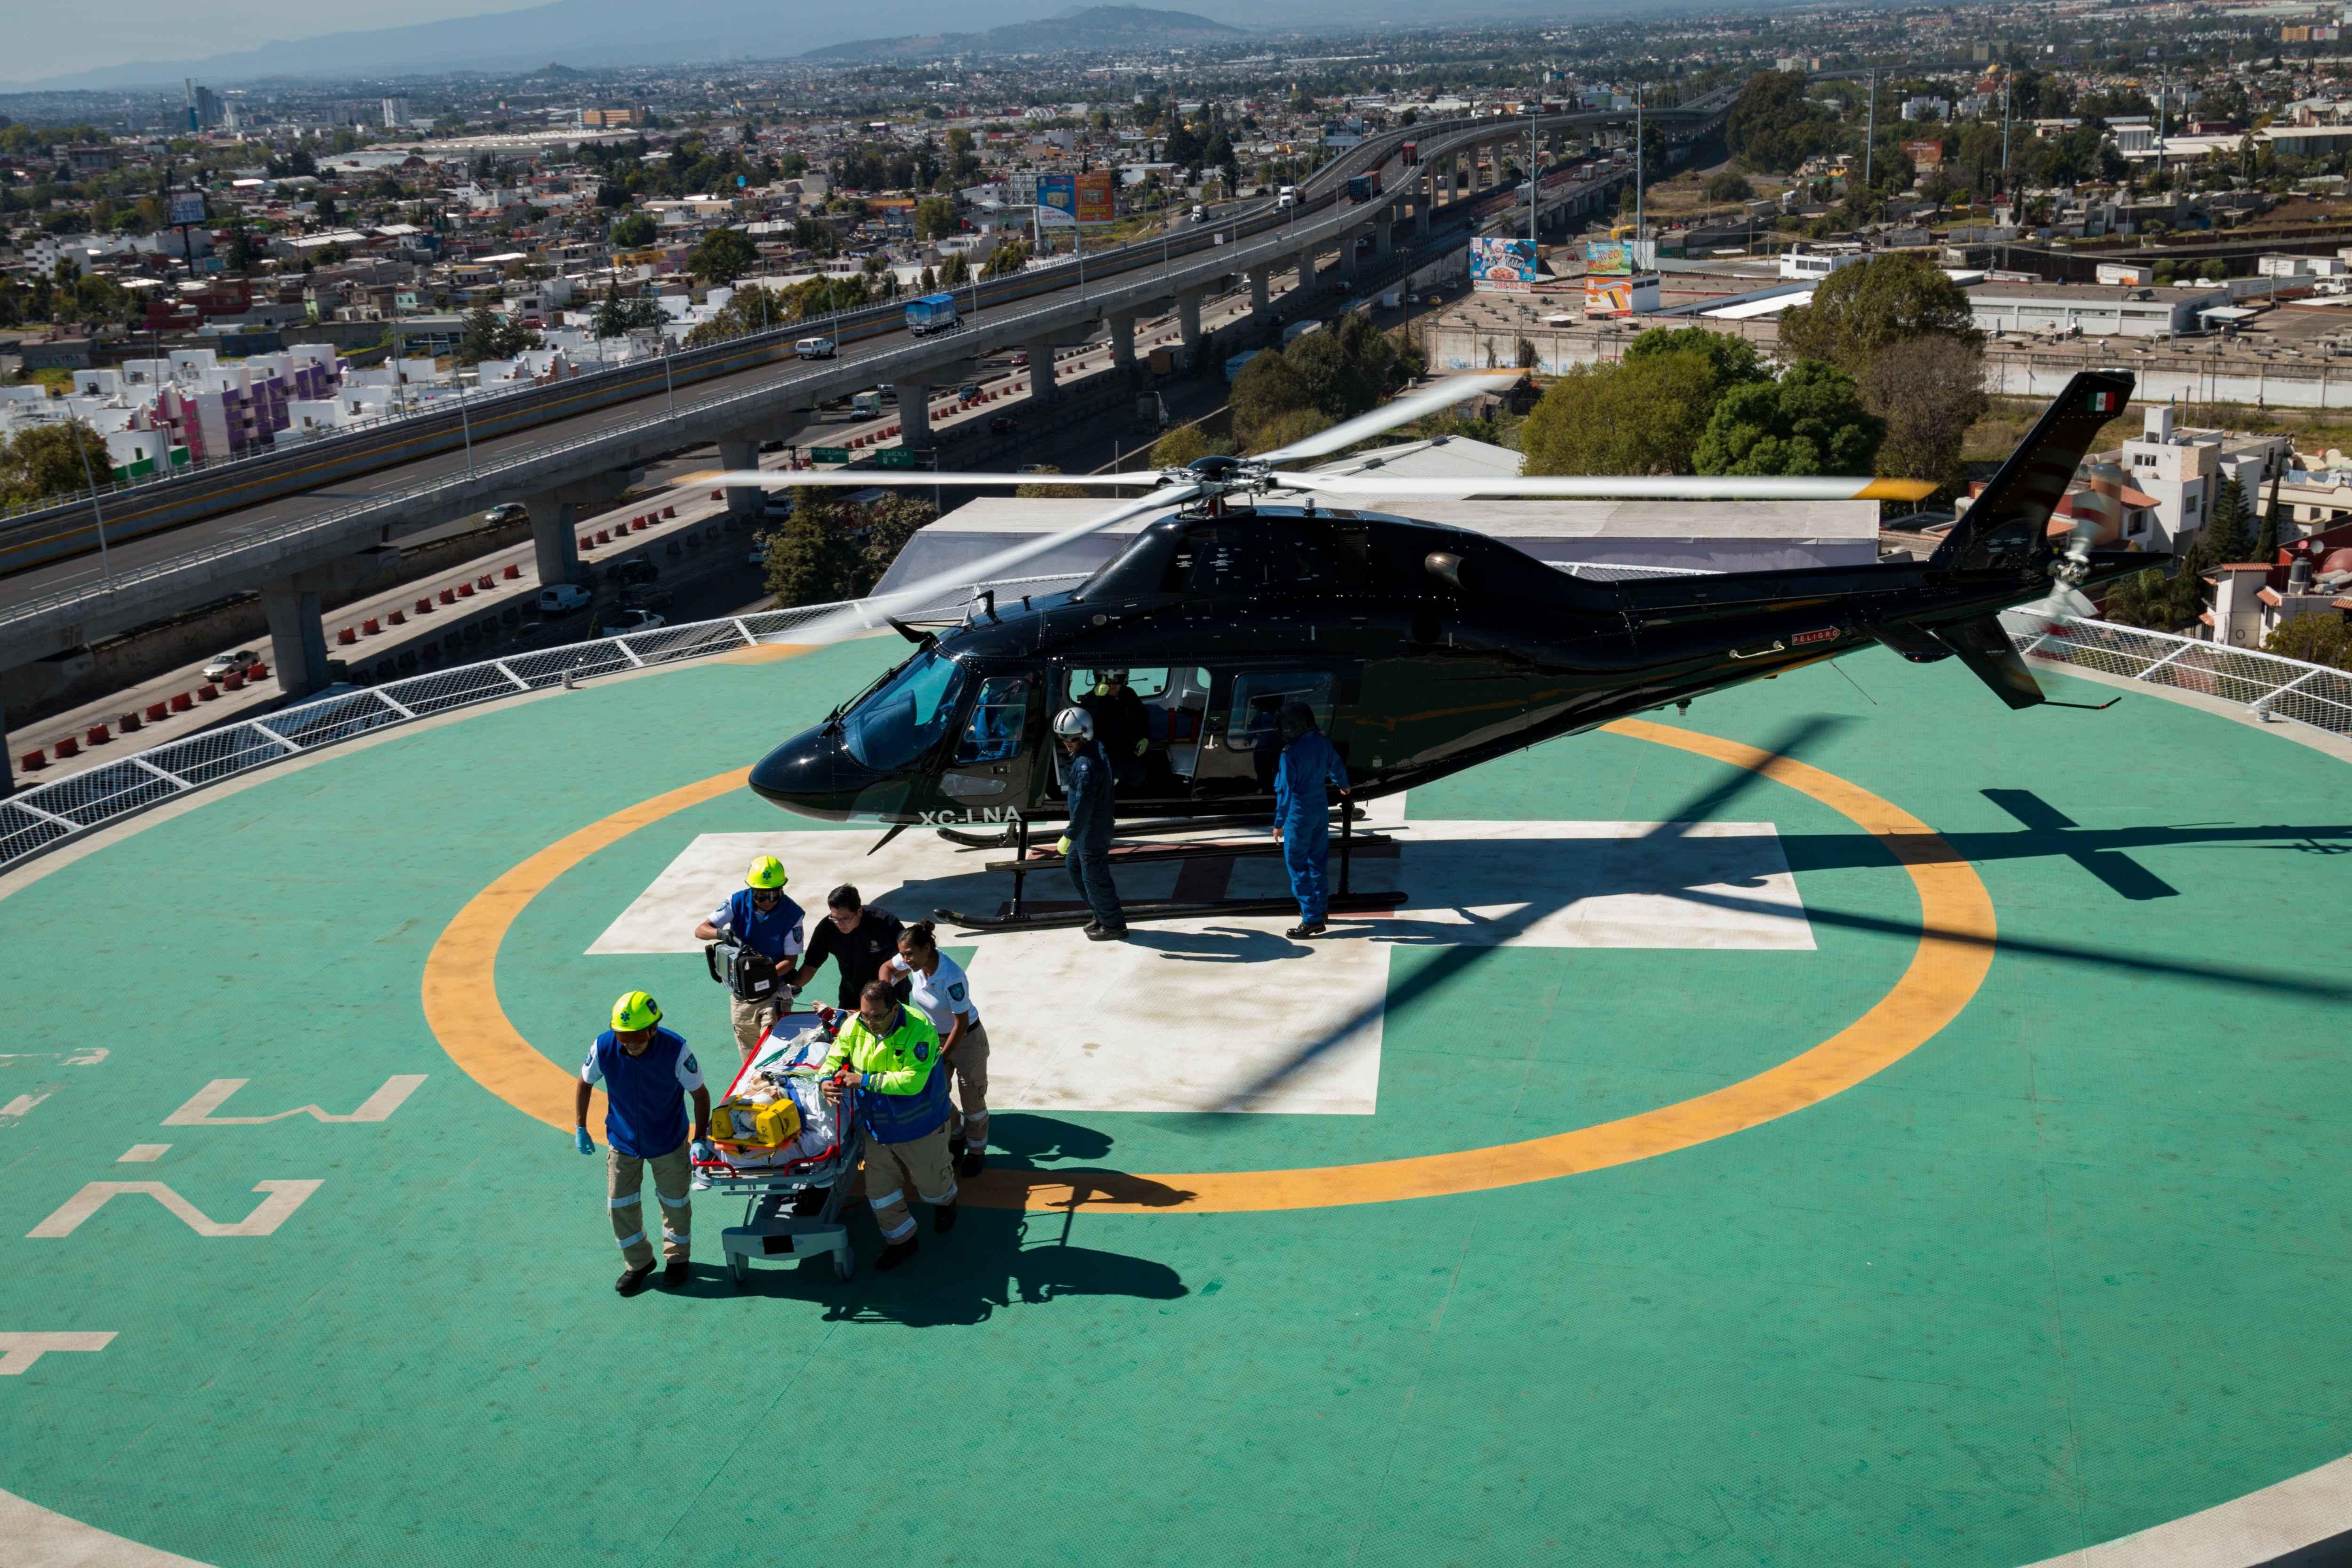 Aeronaves del gobierno estatal, para  seguridad y apoyo ciudadano